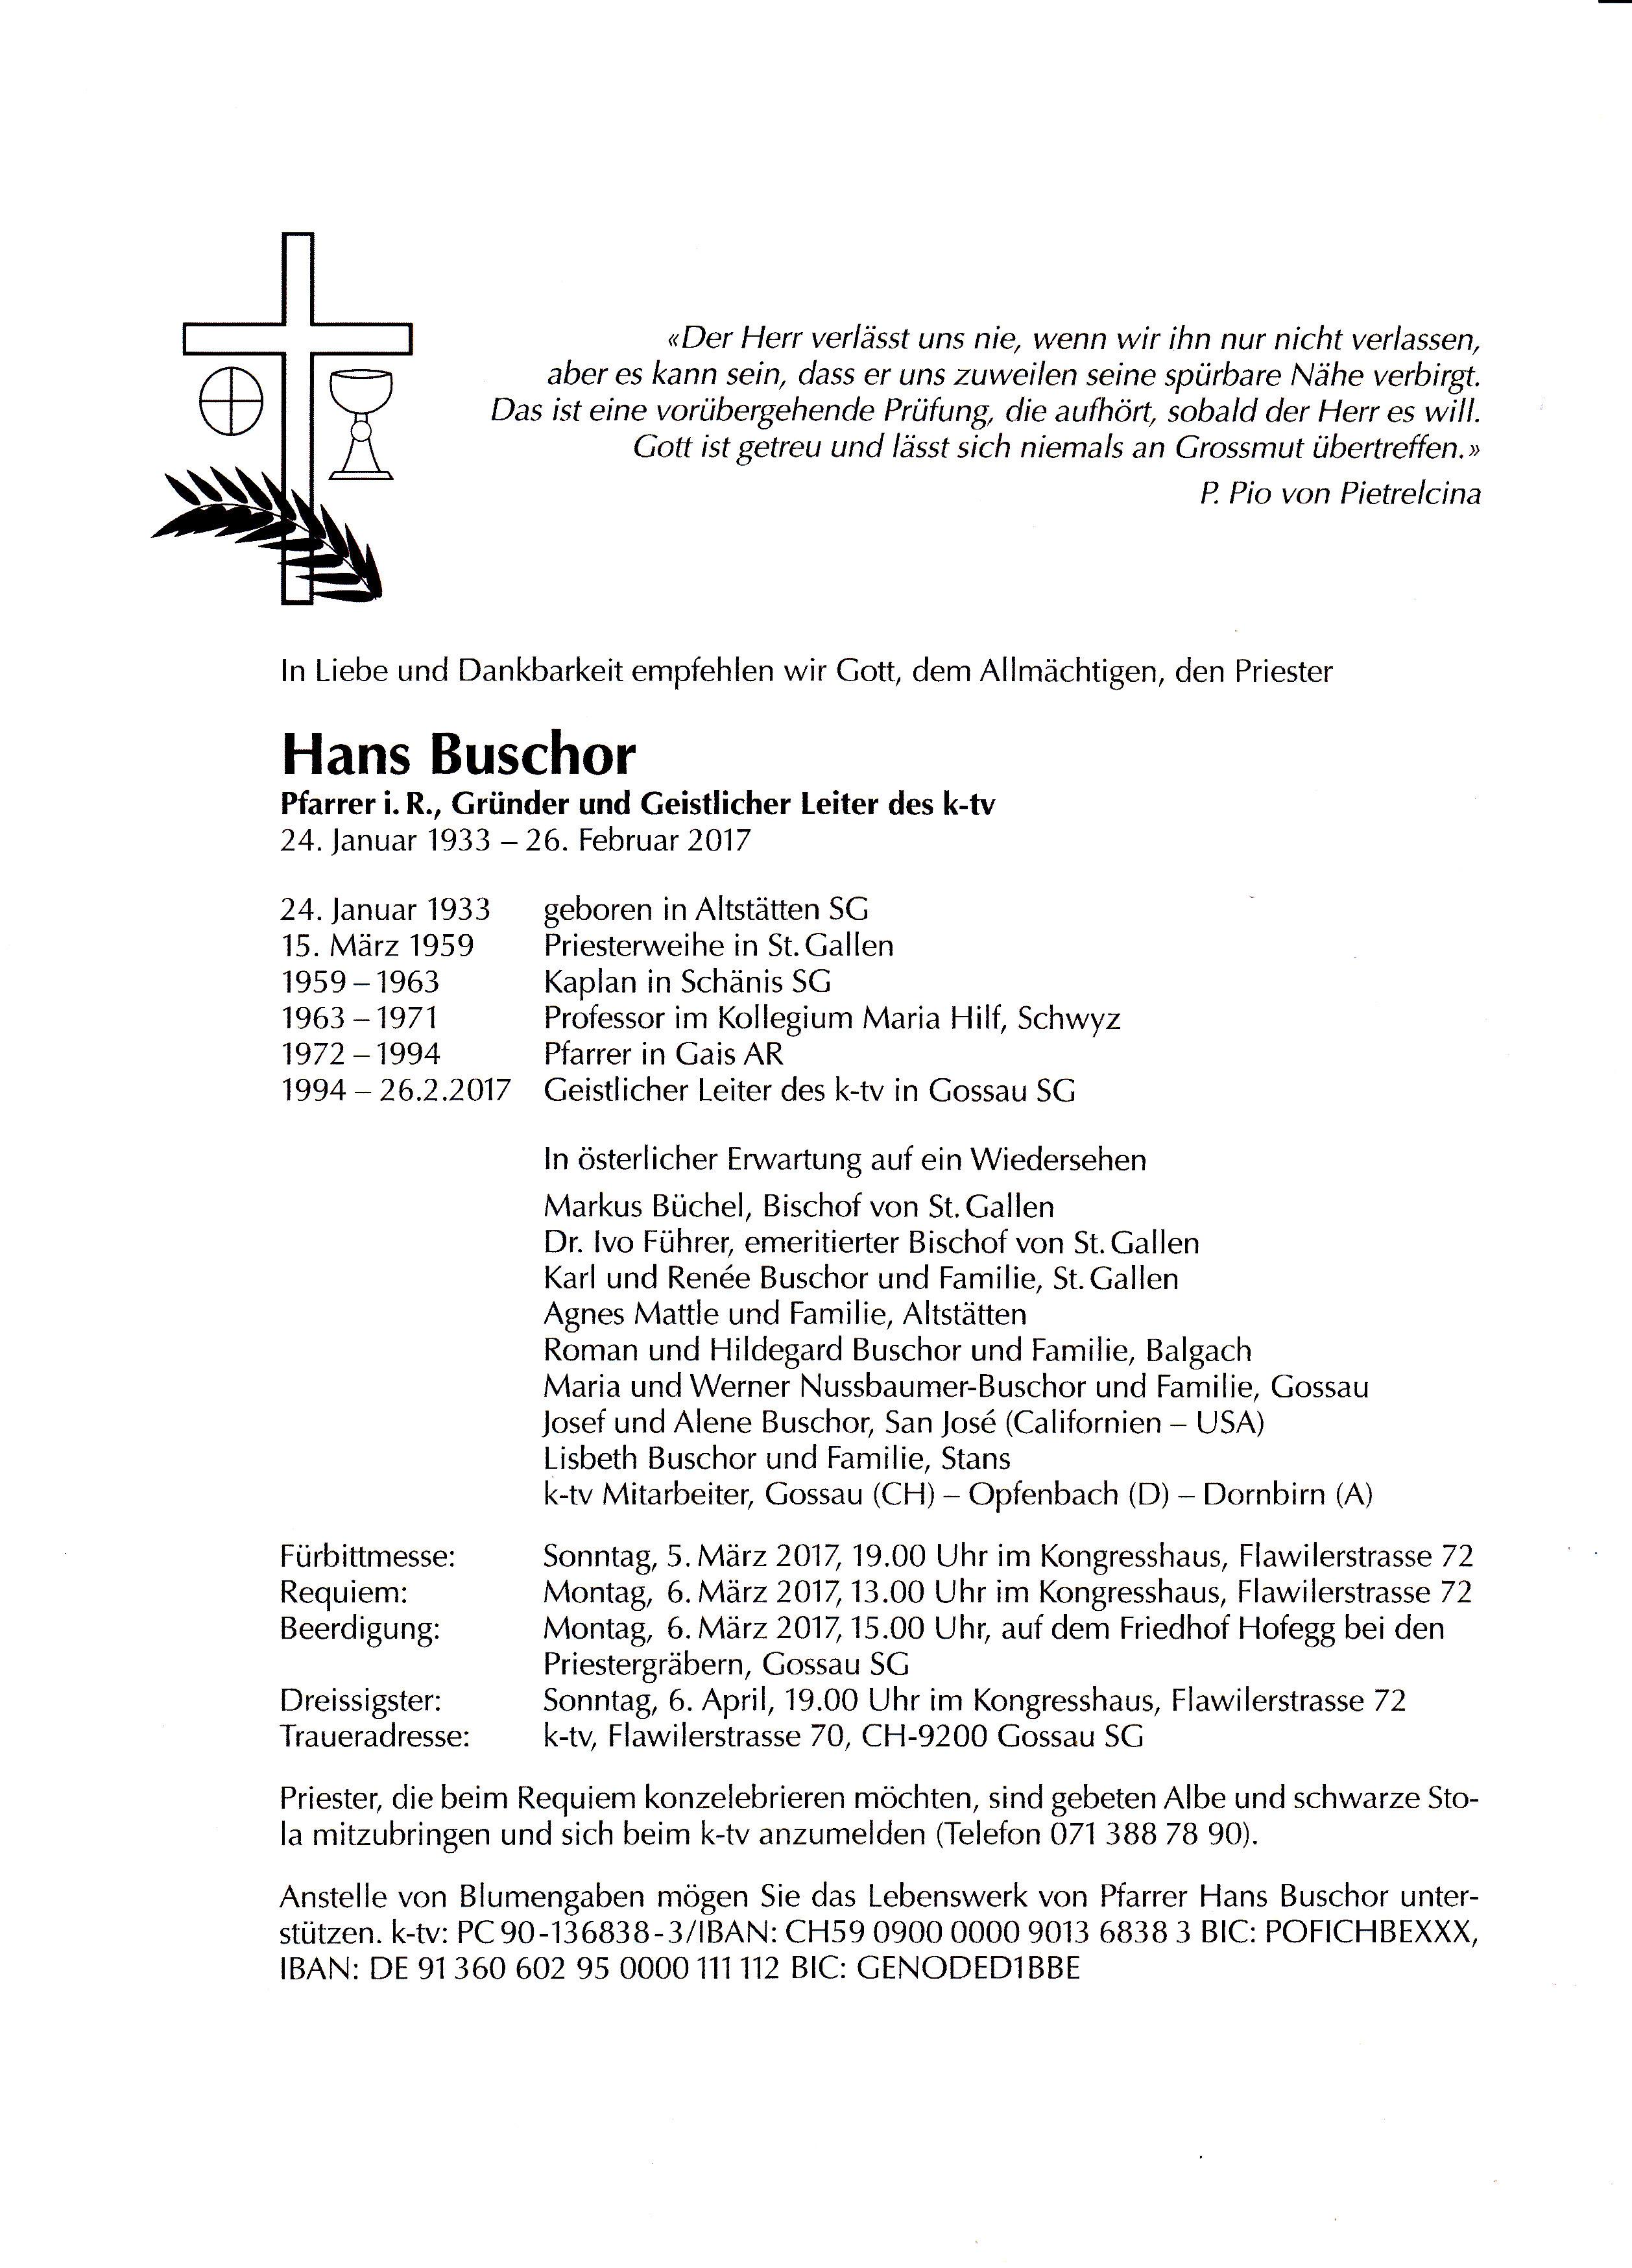 Pfarrer Hans Buschor